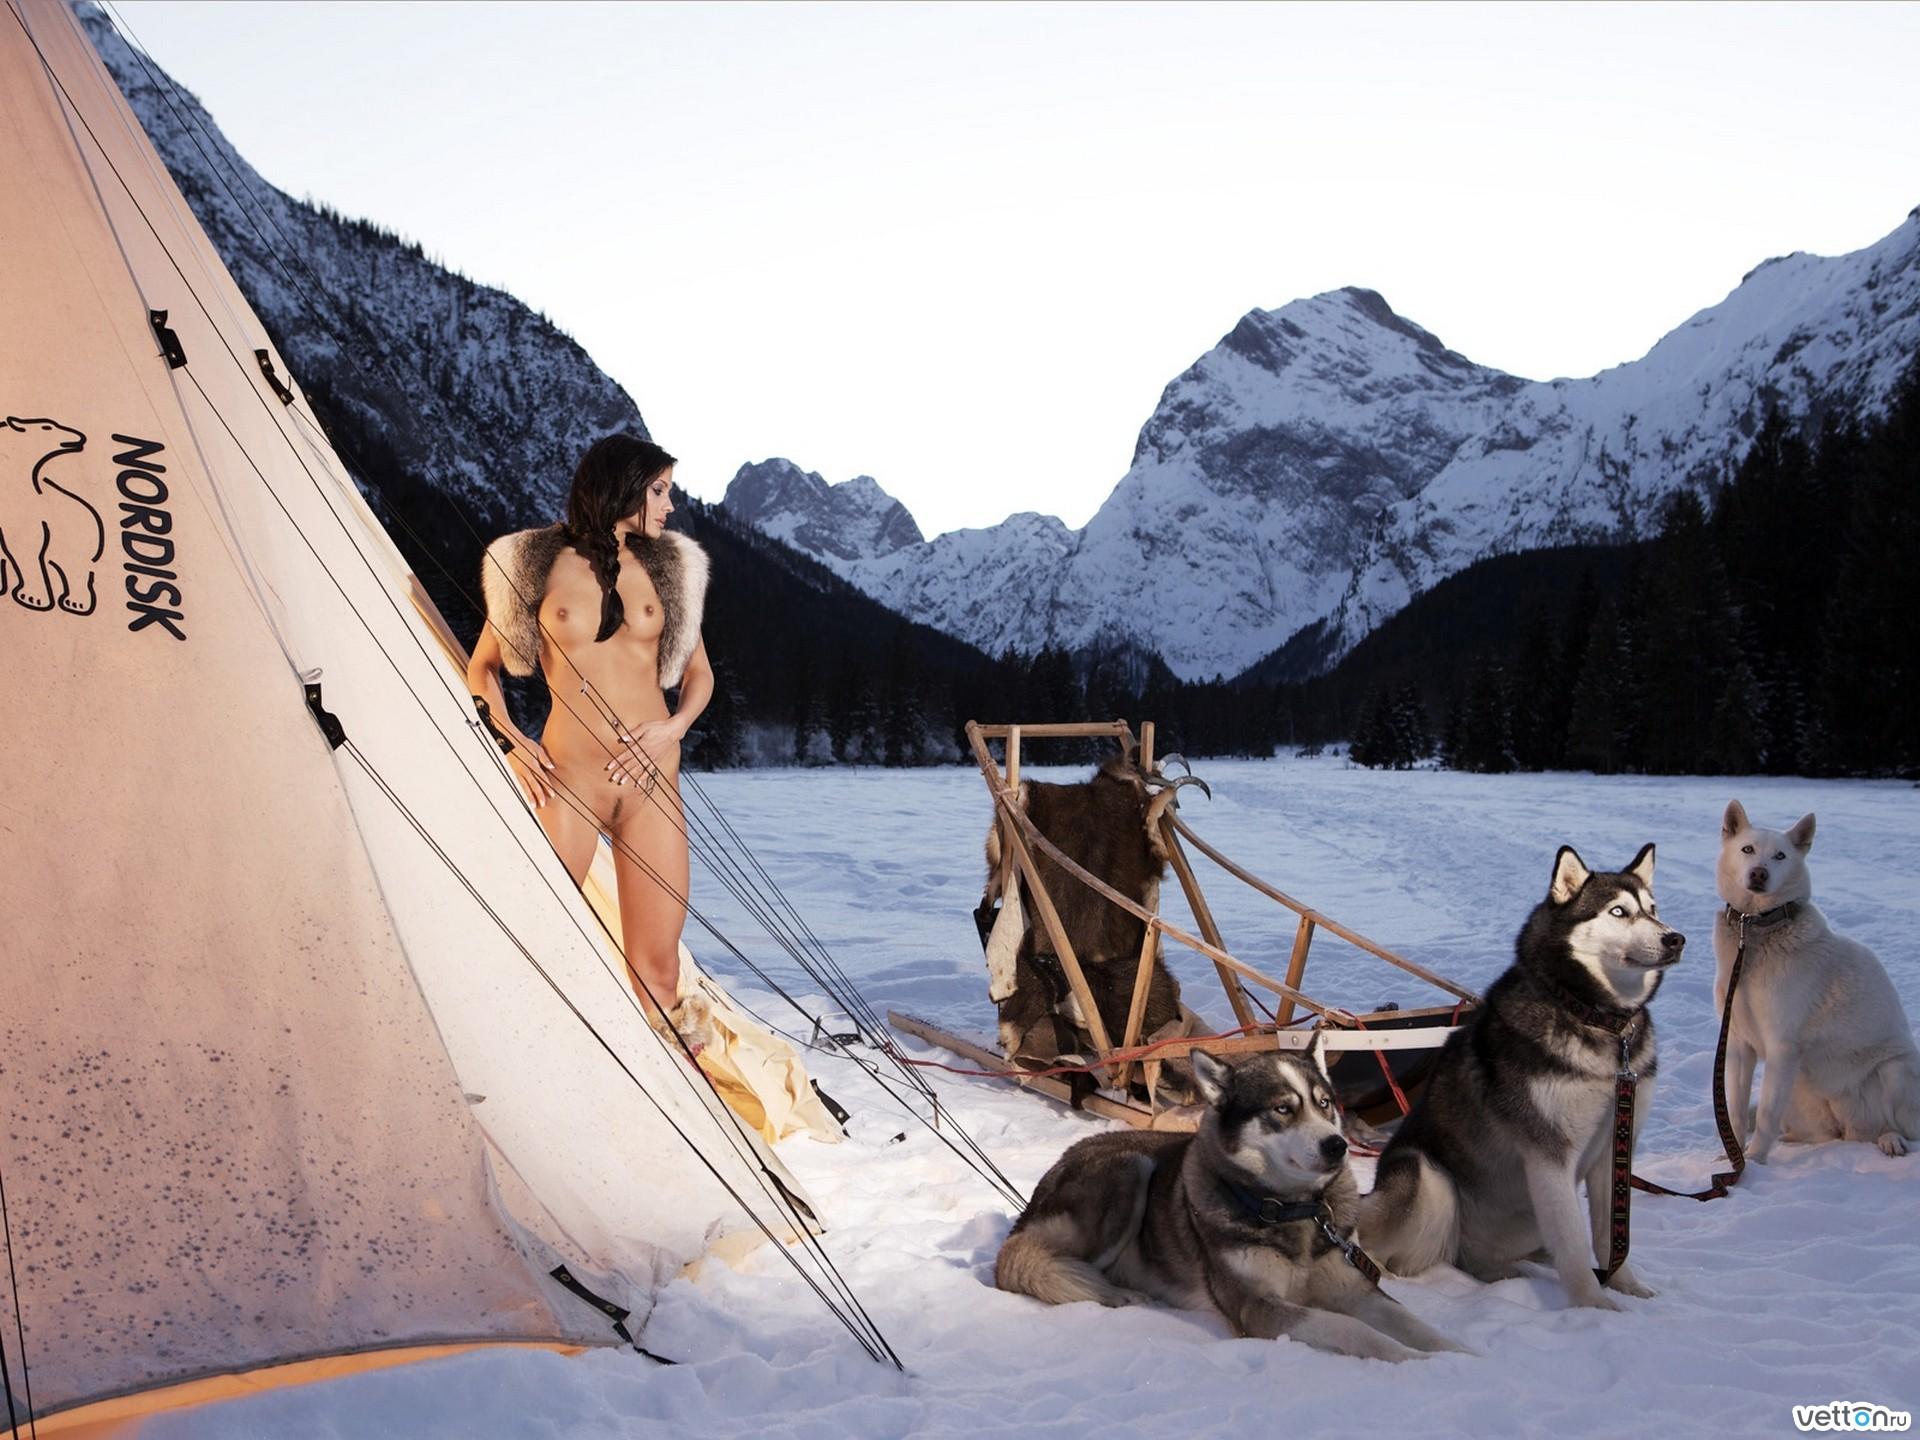 Картинки, голое тело, снег, горы, мех, собаки,454009 обои, рисунки